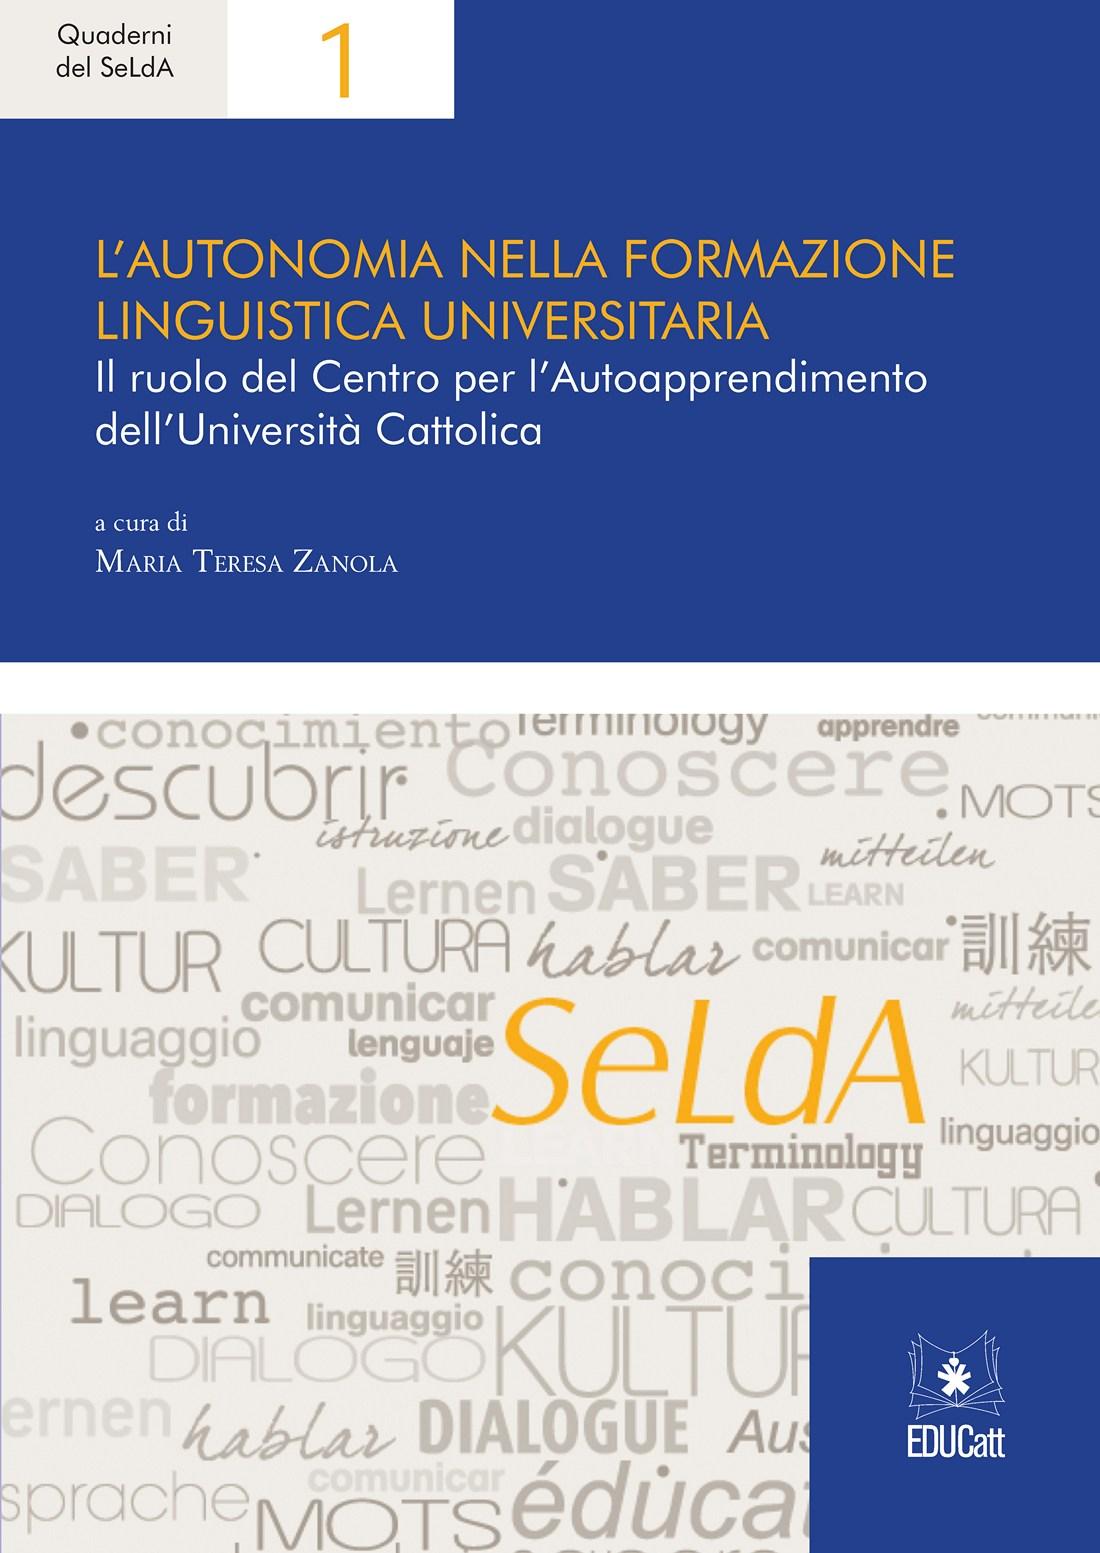 L'AUTONOMIA NELLA FORMAZIONE LINGUISTICA UNIVERSITARIA (QUADERNI SELDA 1)